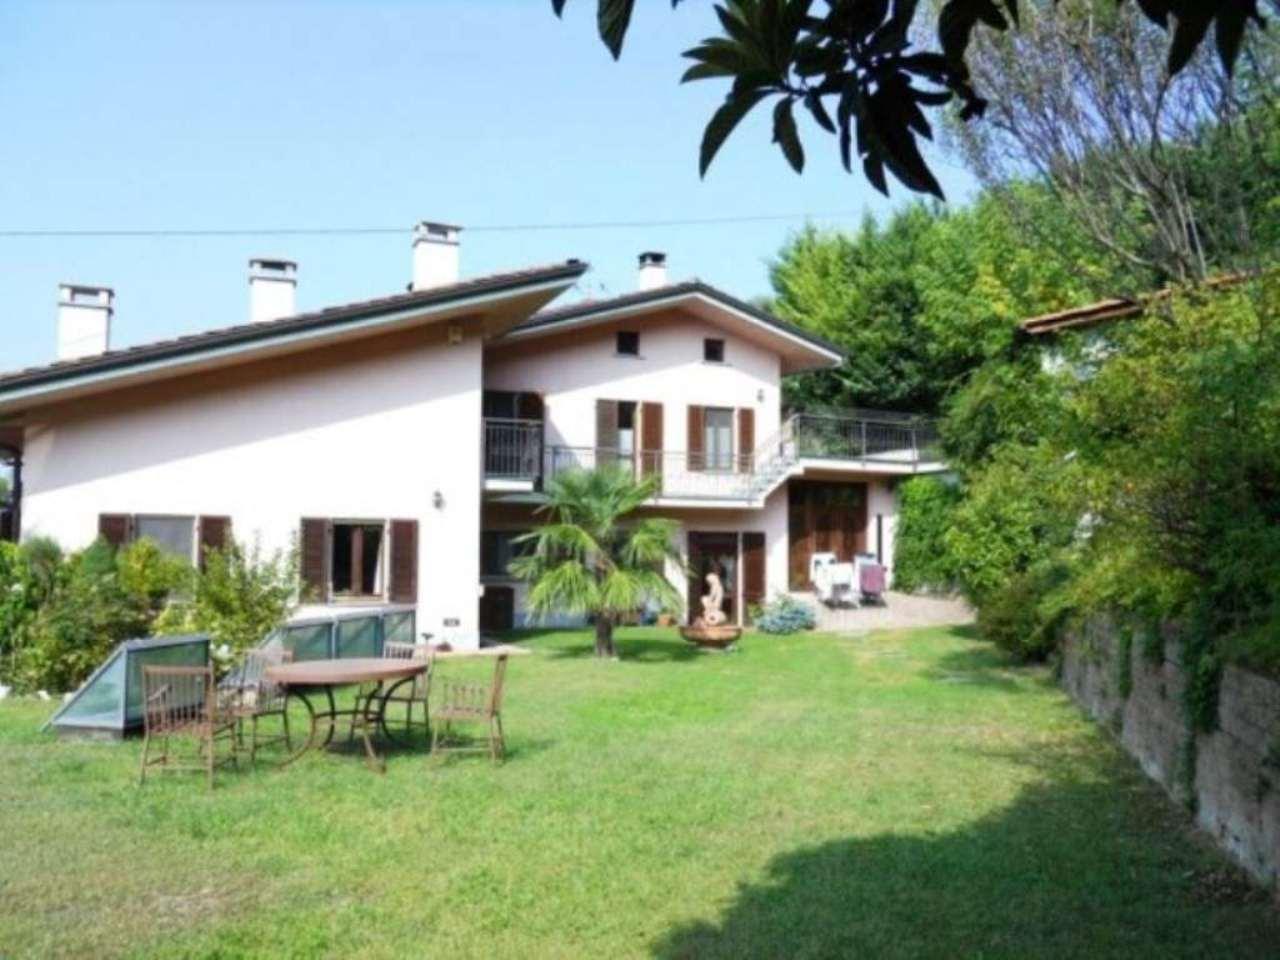 Villa in vendita a Gassino Torinese, 10 locali, Trattative riservate | Cambio Casa.it